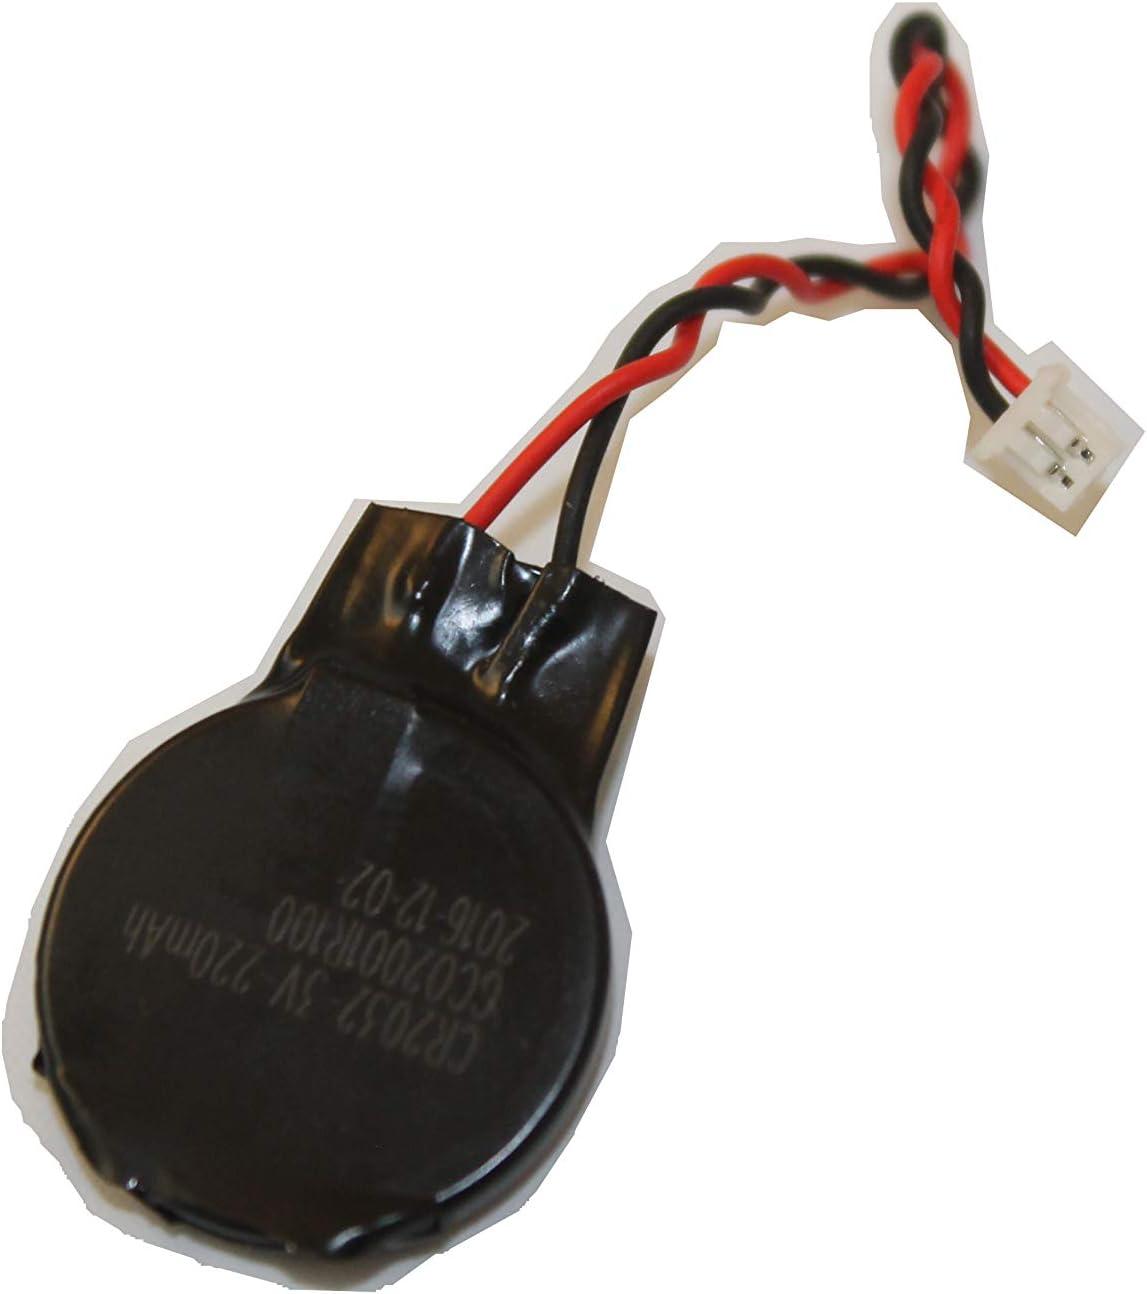 GC02001R100 Genuine Original Inspiron 15 5567 CR2032-3V-220mAh CMOS Battery